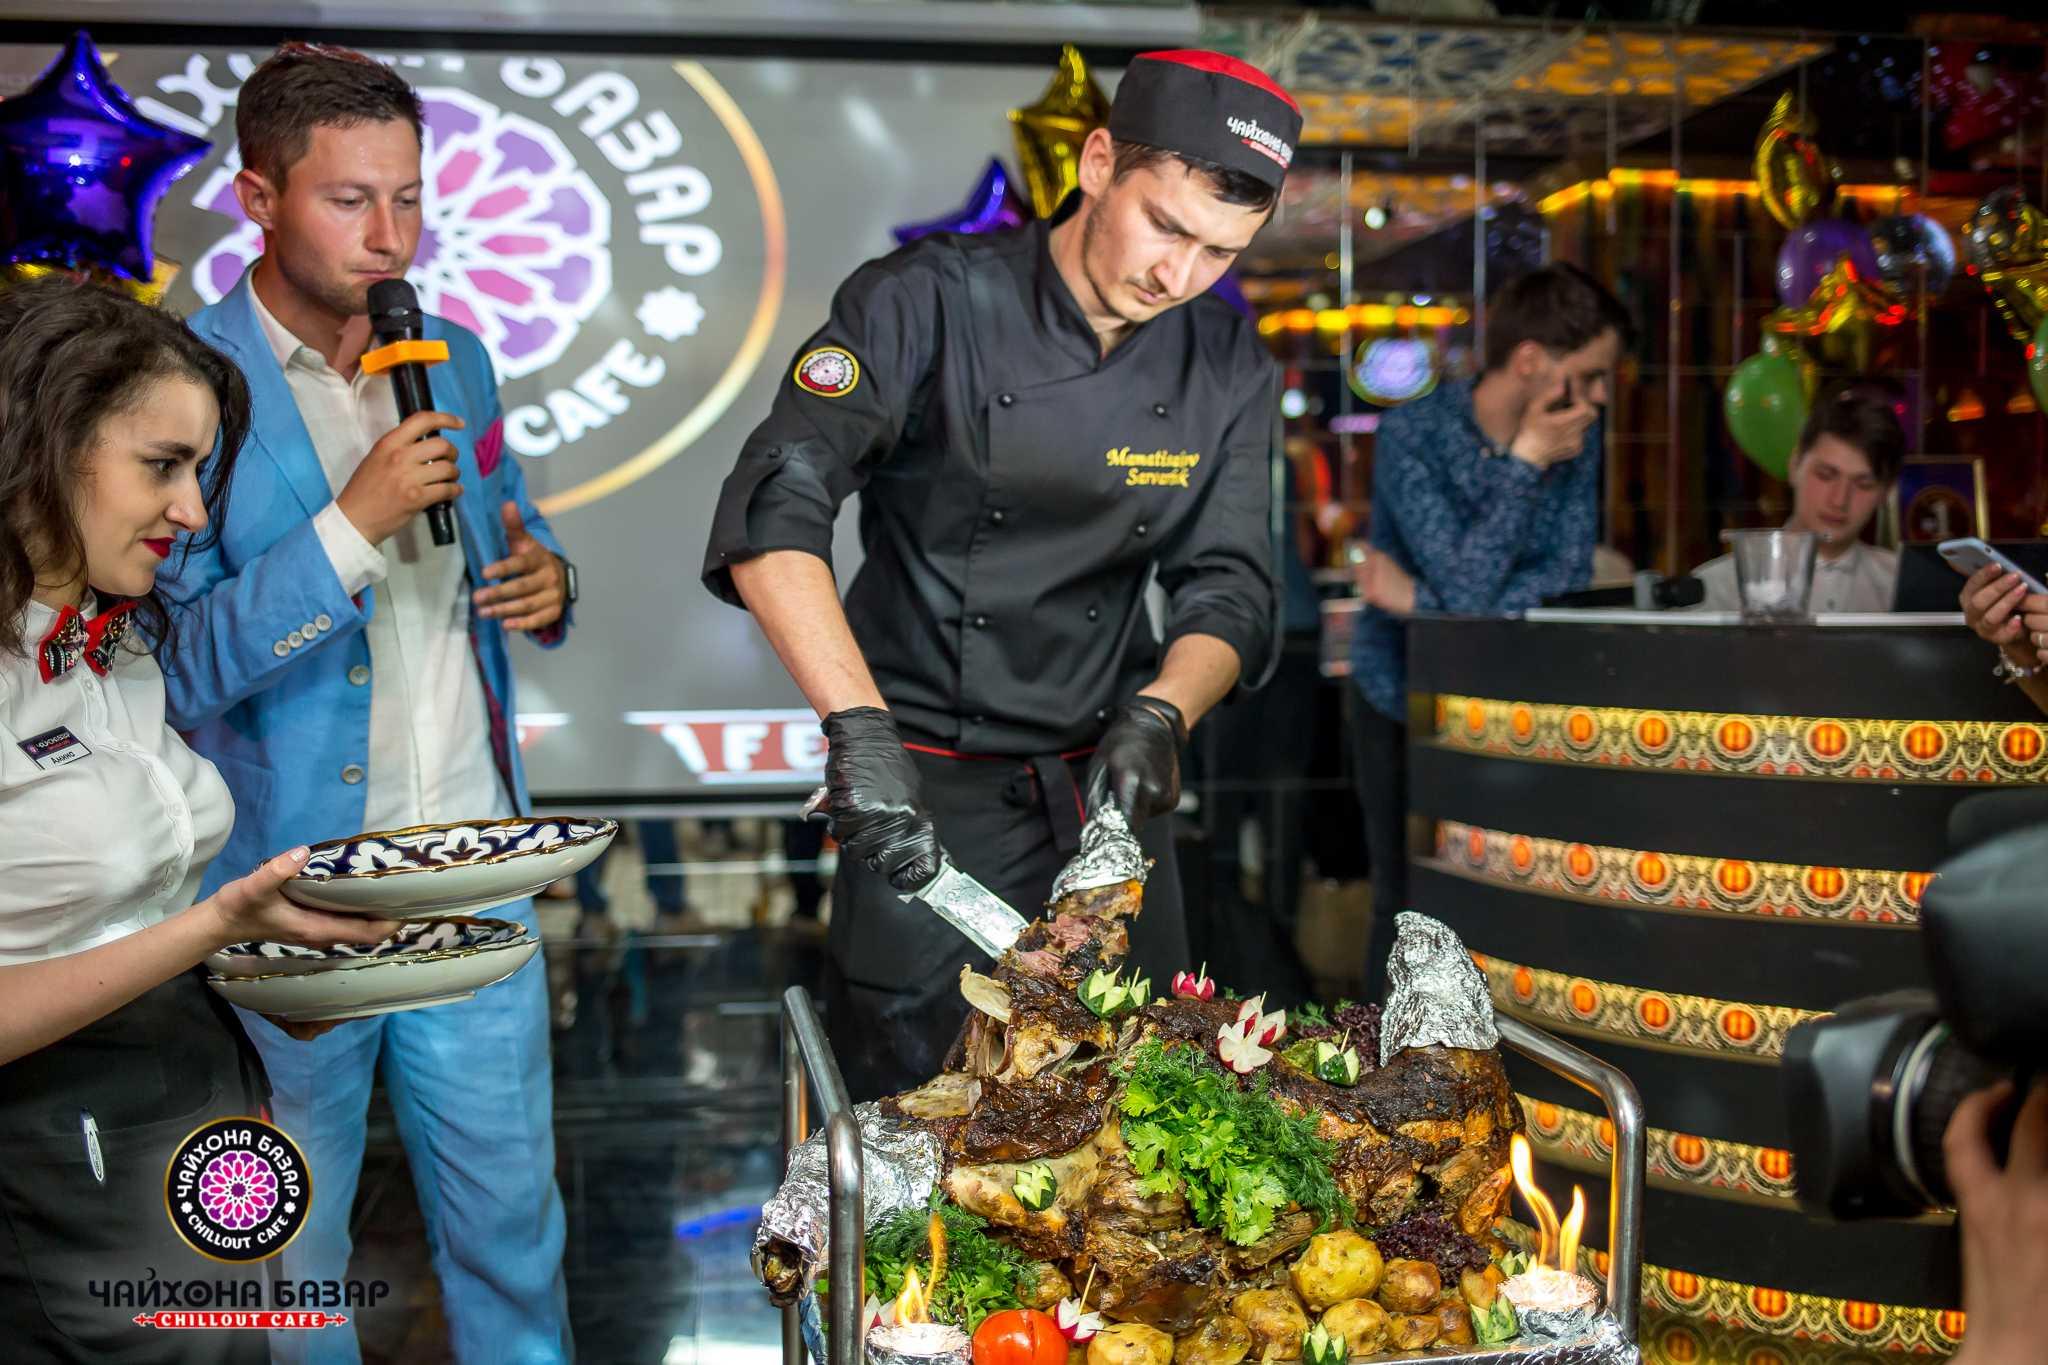 Грандиозное открытие нового ресторана «Чайхона Базар» 8